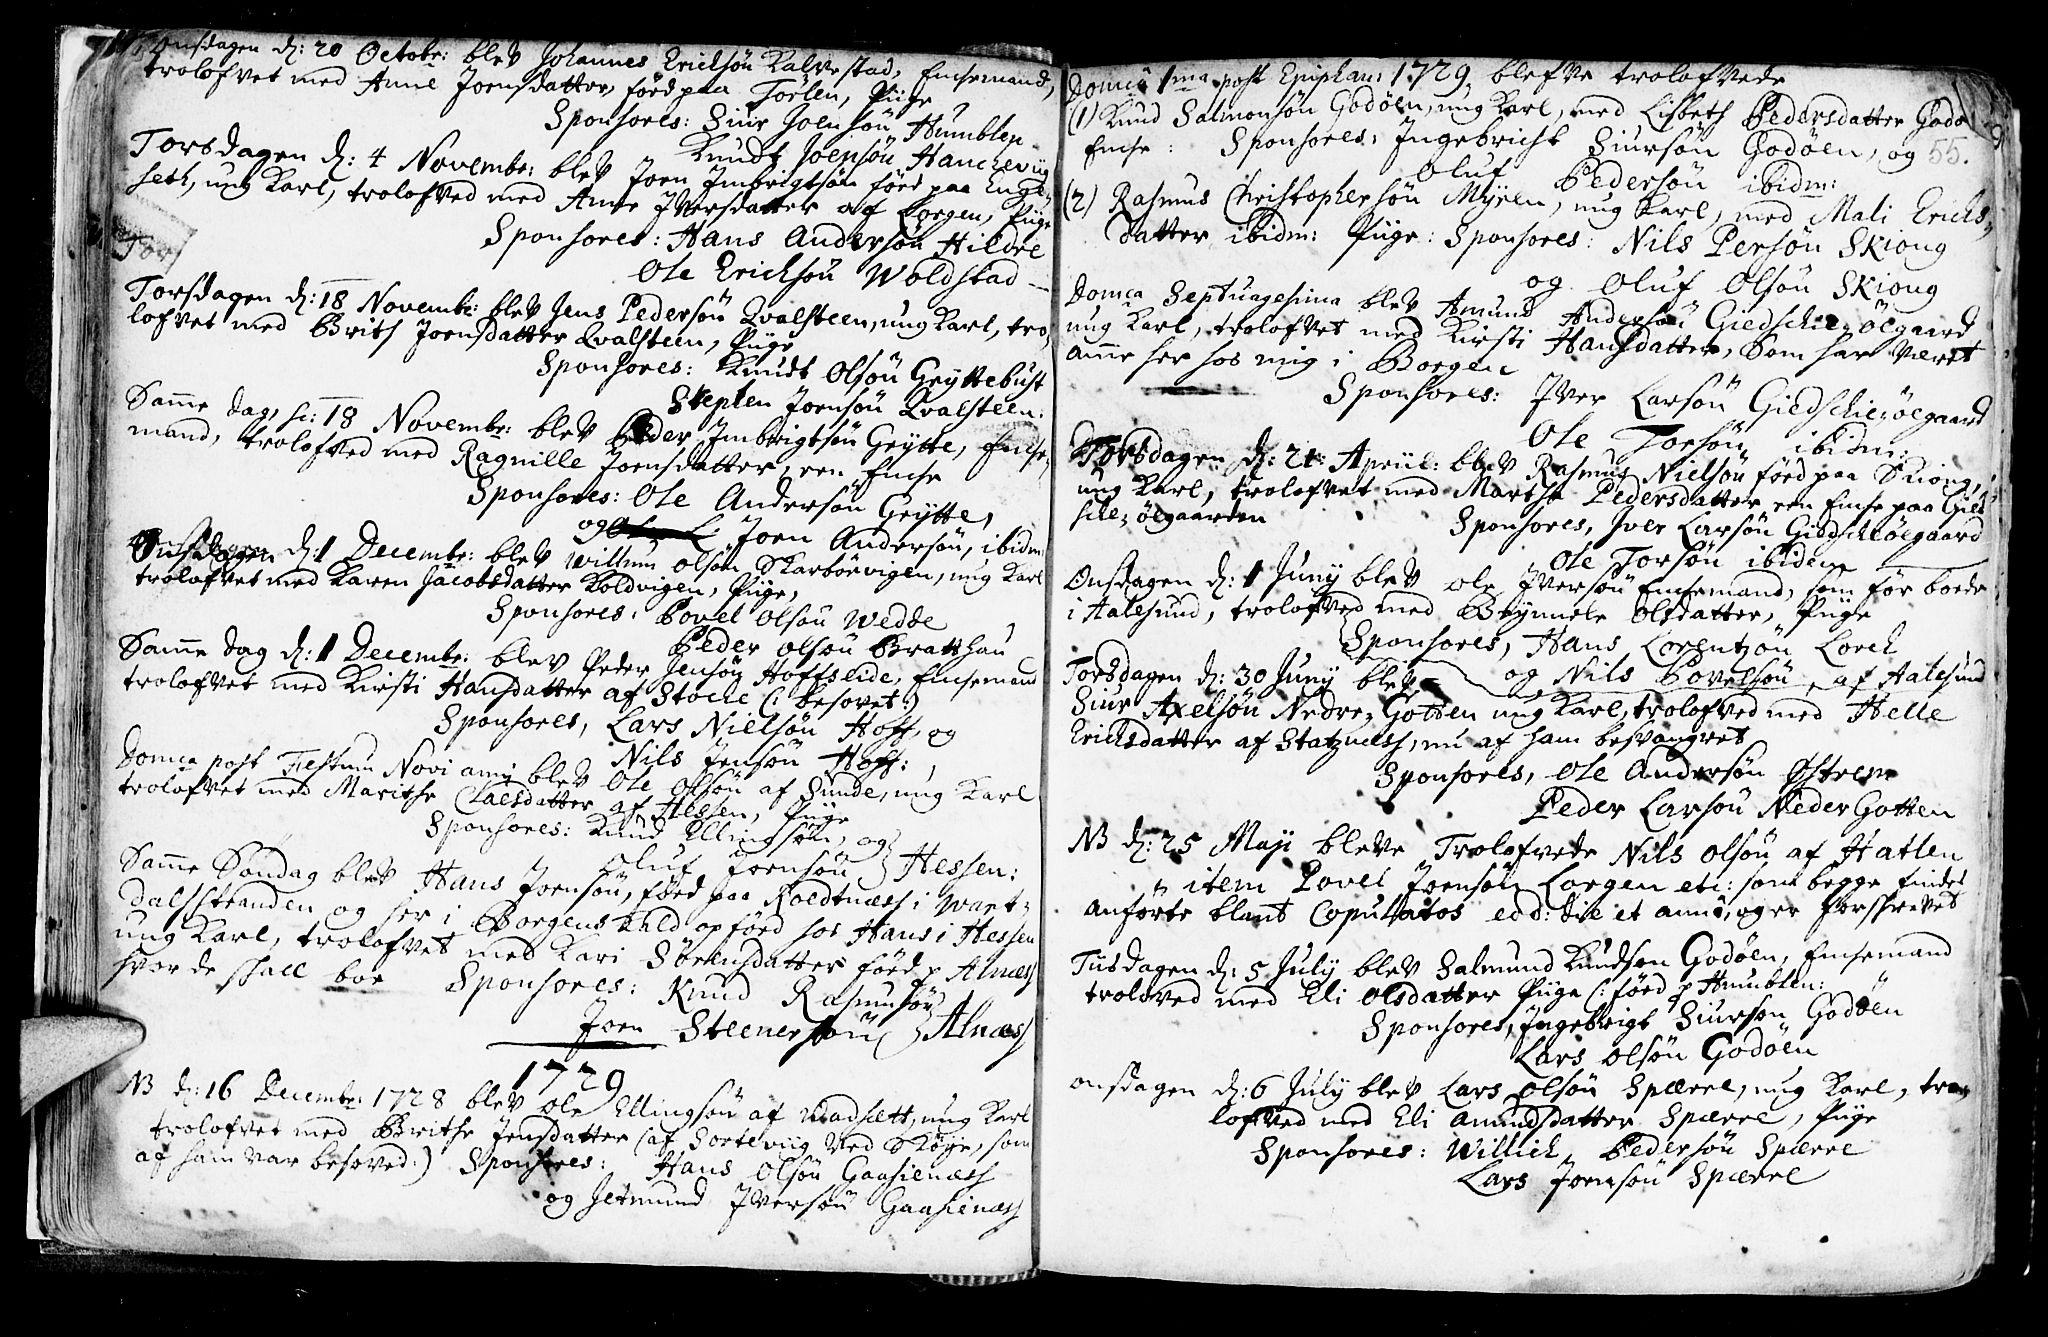 SAT, Ministerialprotokoller, klokkerbøker og fødselsregistre - Møre og Romsdal, 528/L0390: Ministerialbok nr. 528A01, 1698-1739, s. 54-55